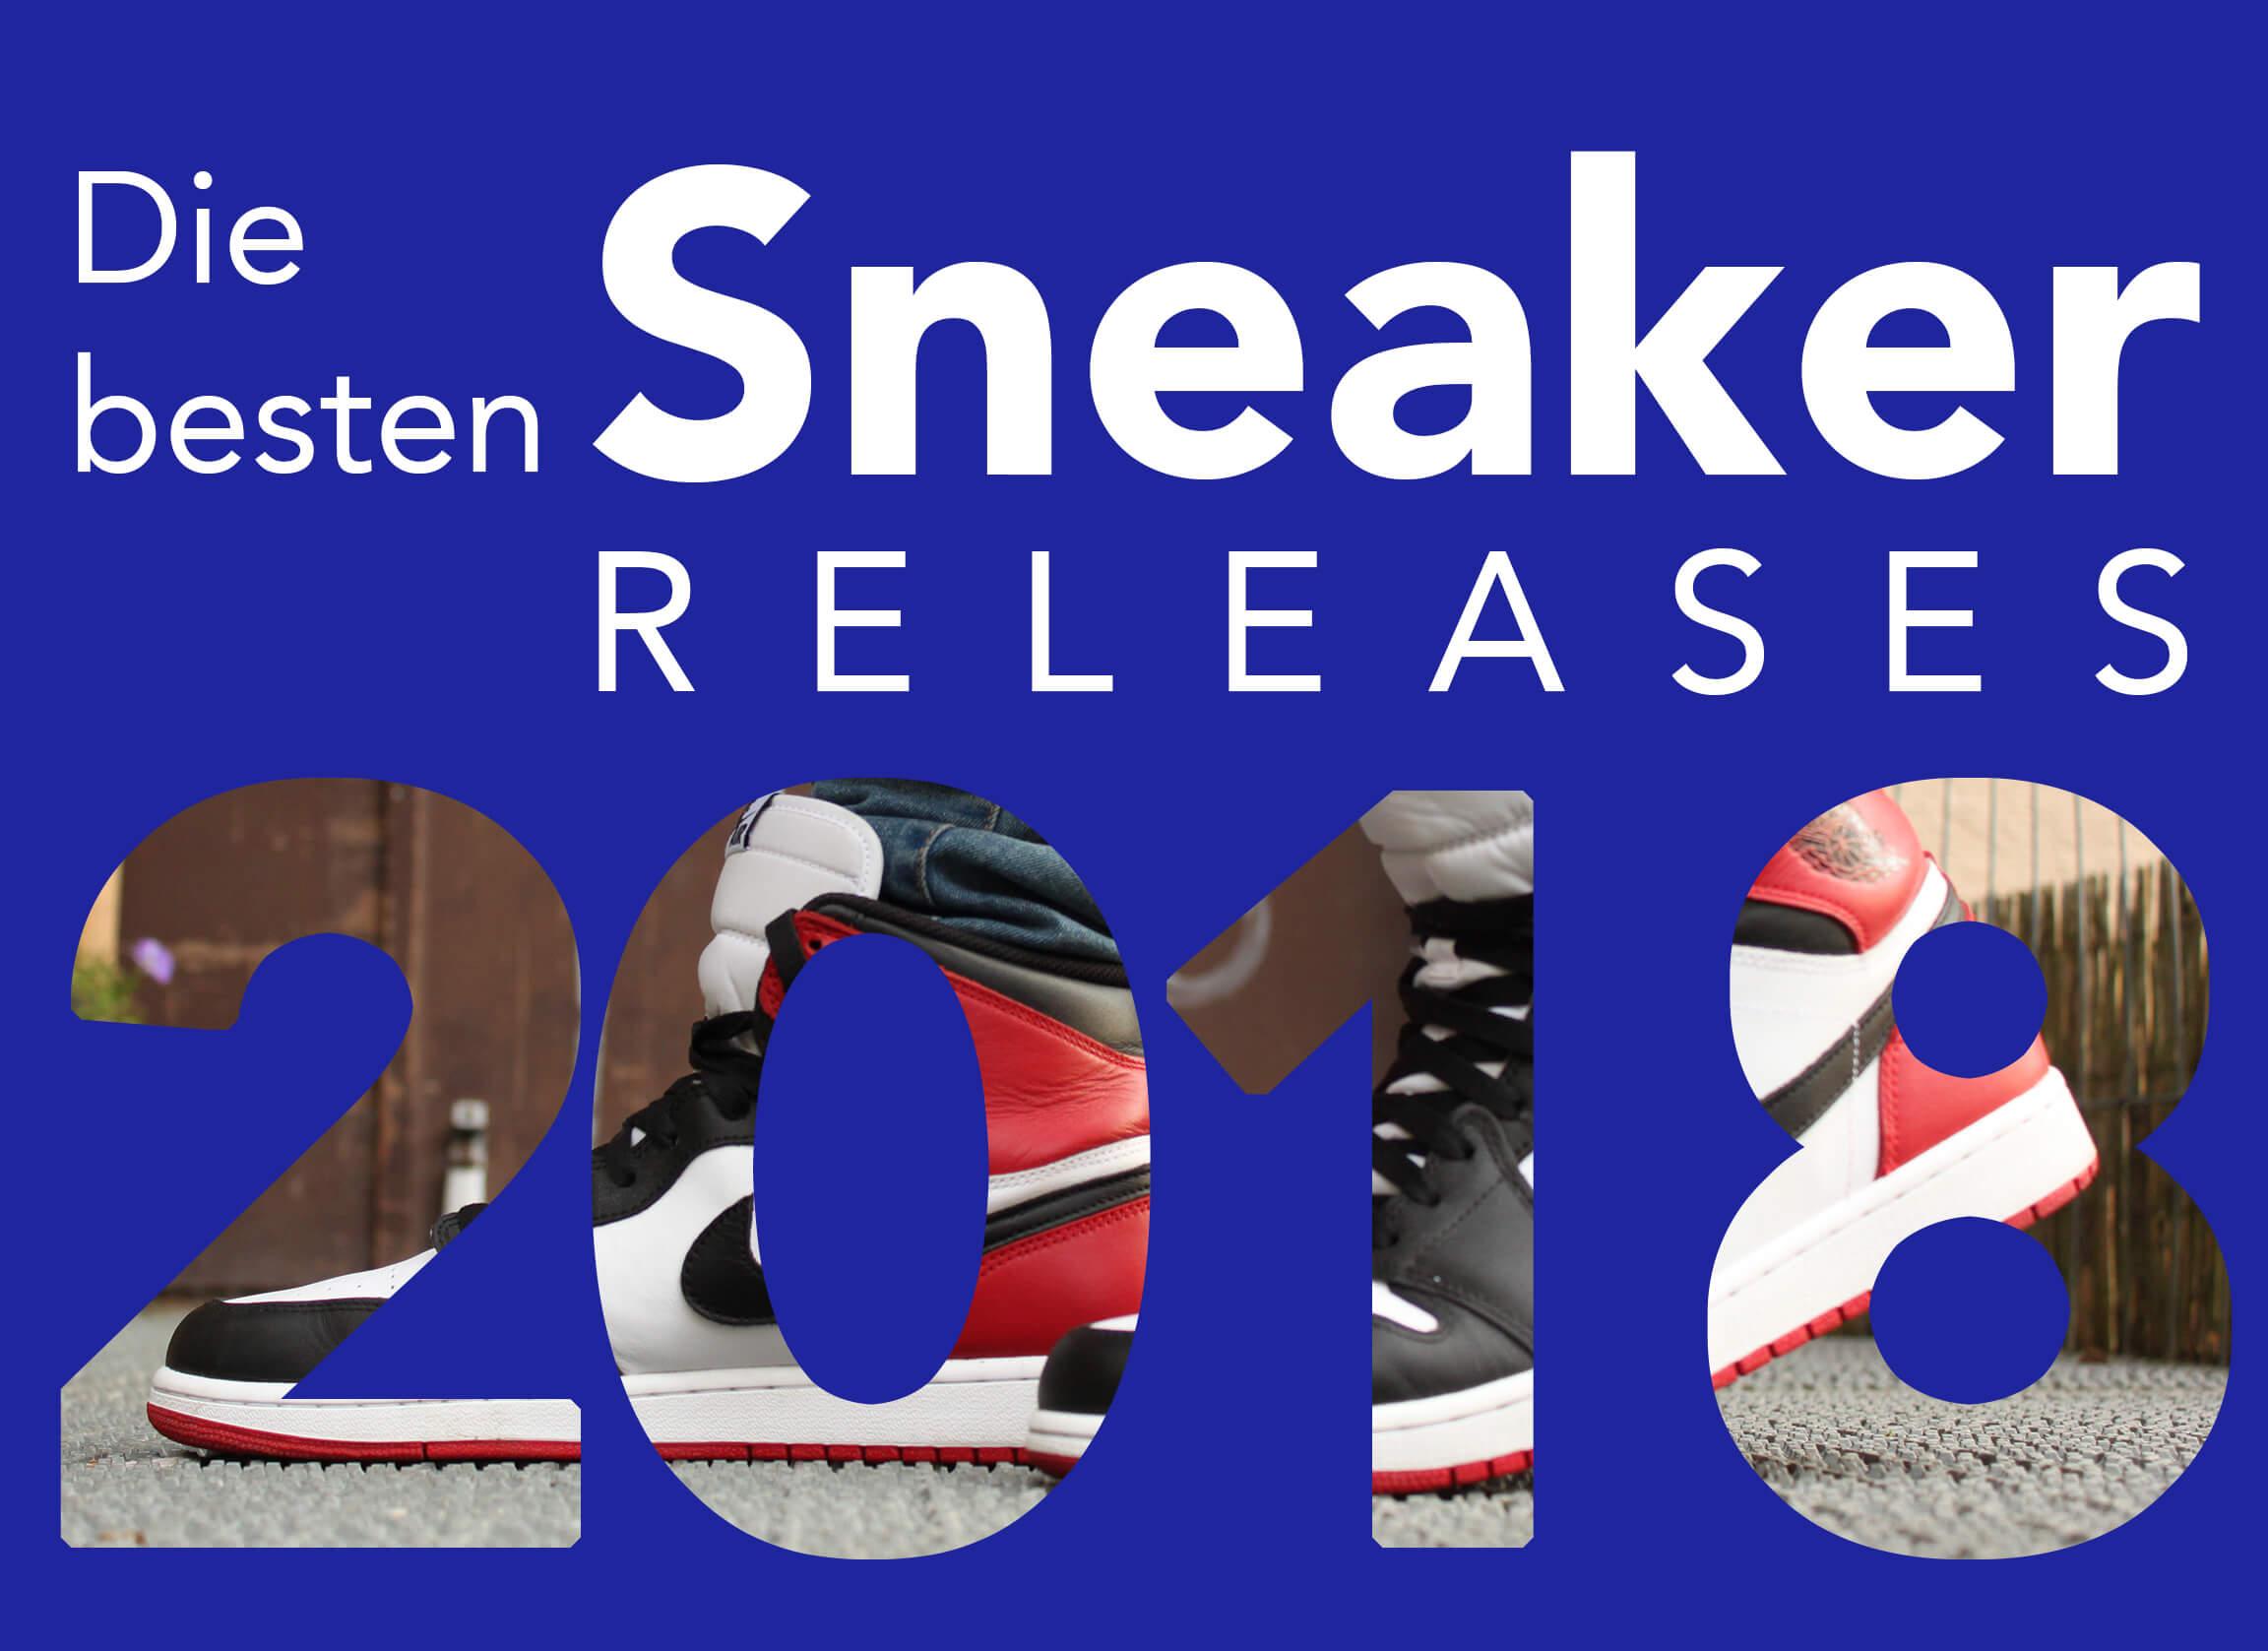 79ef8c542 Die besten Sneaker Releases August 2018 - Styleninja - Sneakerblog